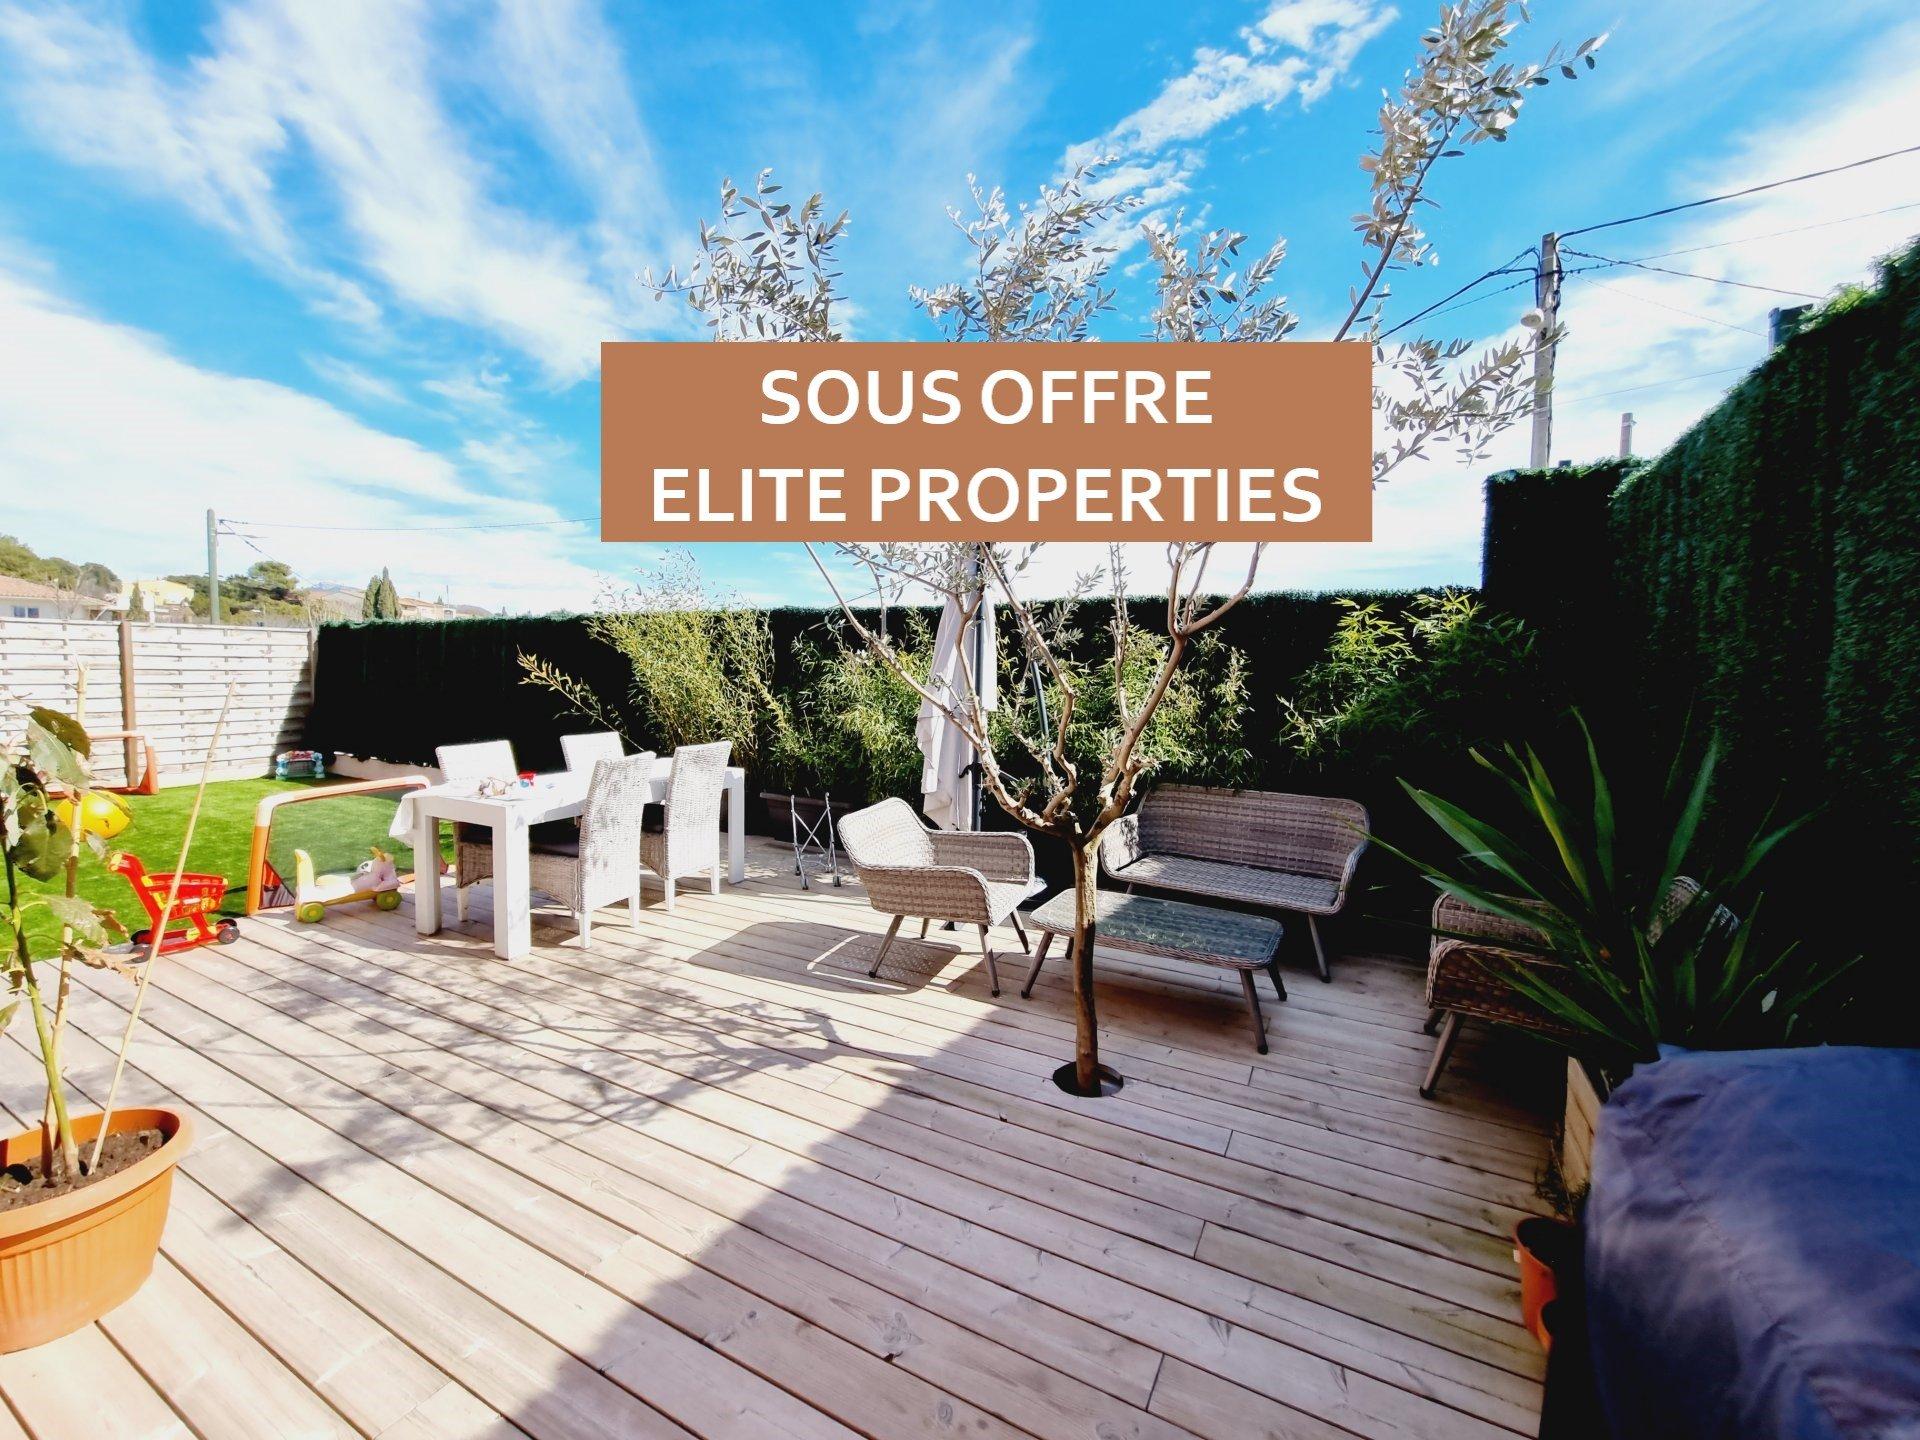 Vente villa individuelle 4P + Garage, Grasse Saint Jacques